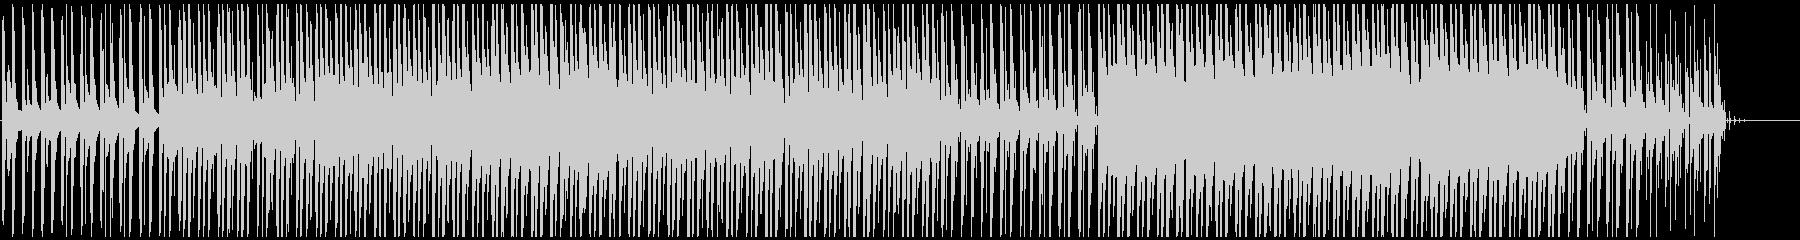 サイケデリックなサウンドスケープ。...の未再生の波形